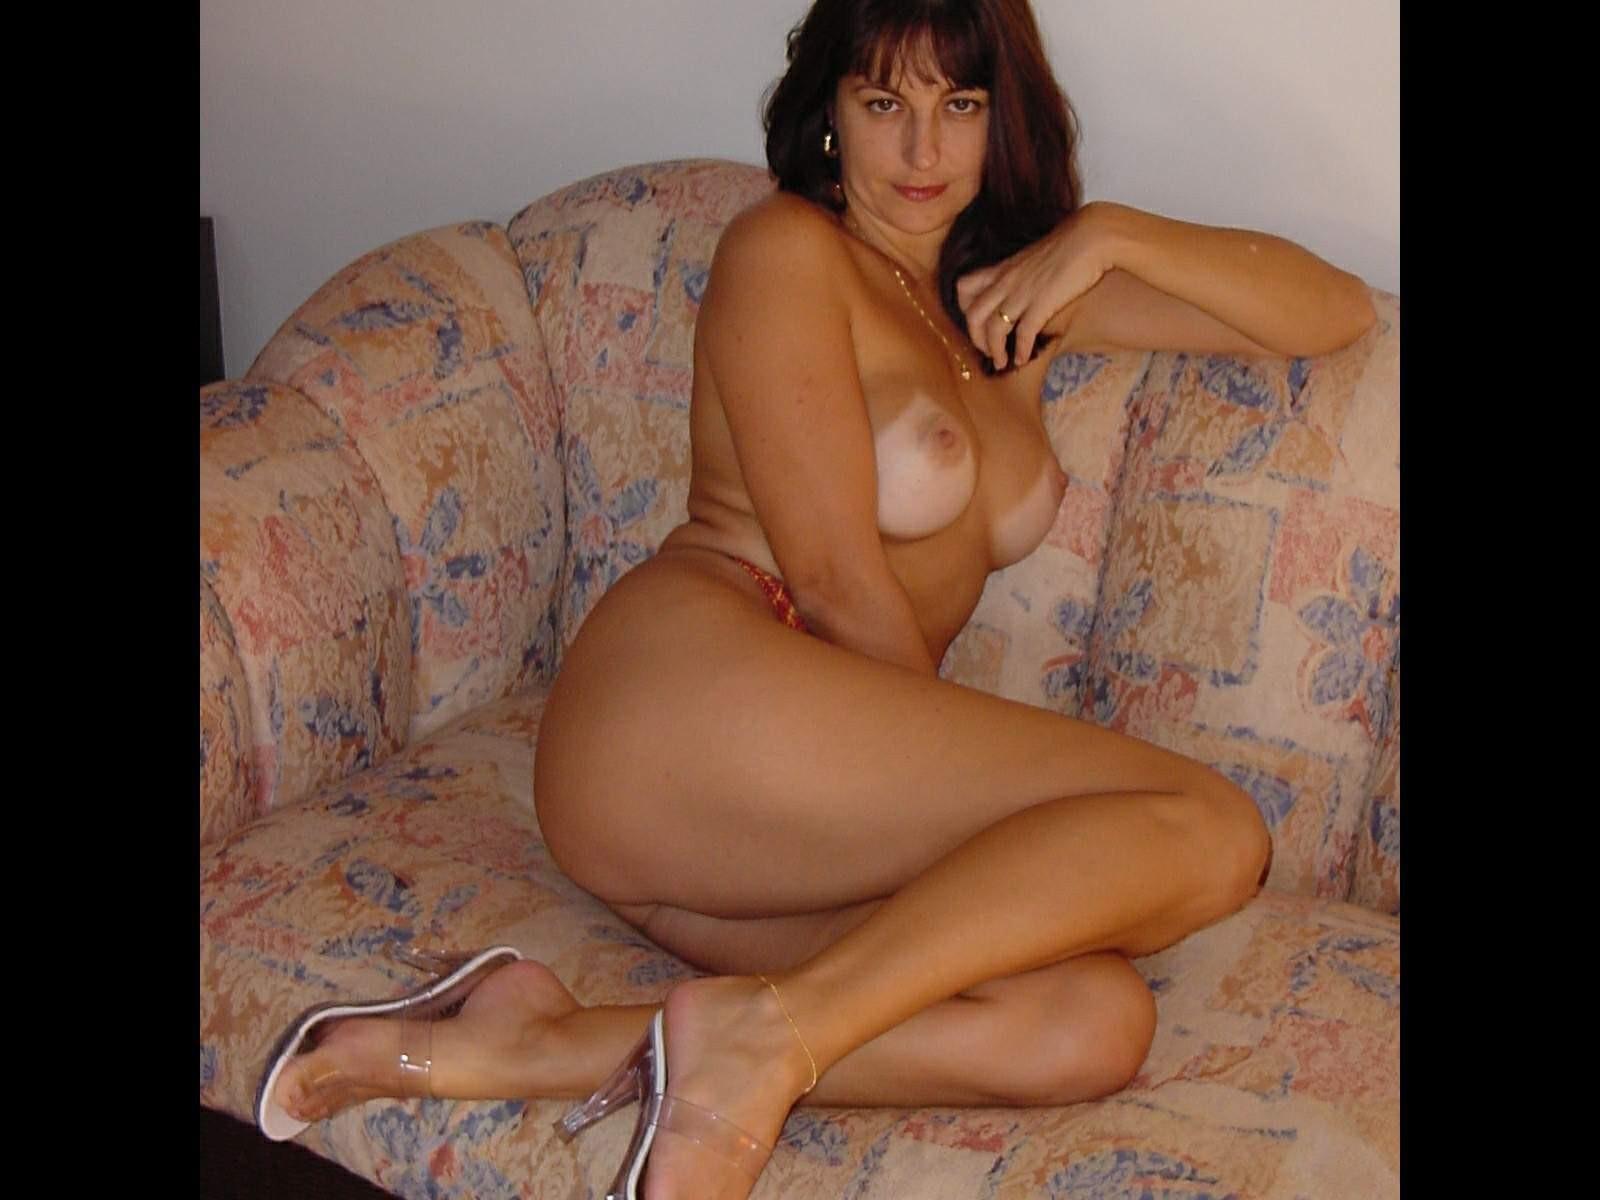 Фото обнаженные женщины в возрасте, Голые зрелые женщины частные секс фото 11 фотография